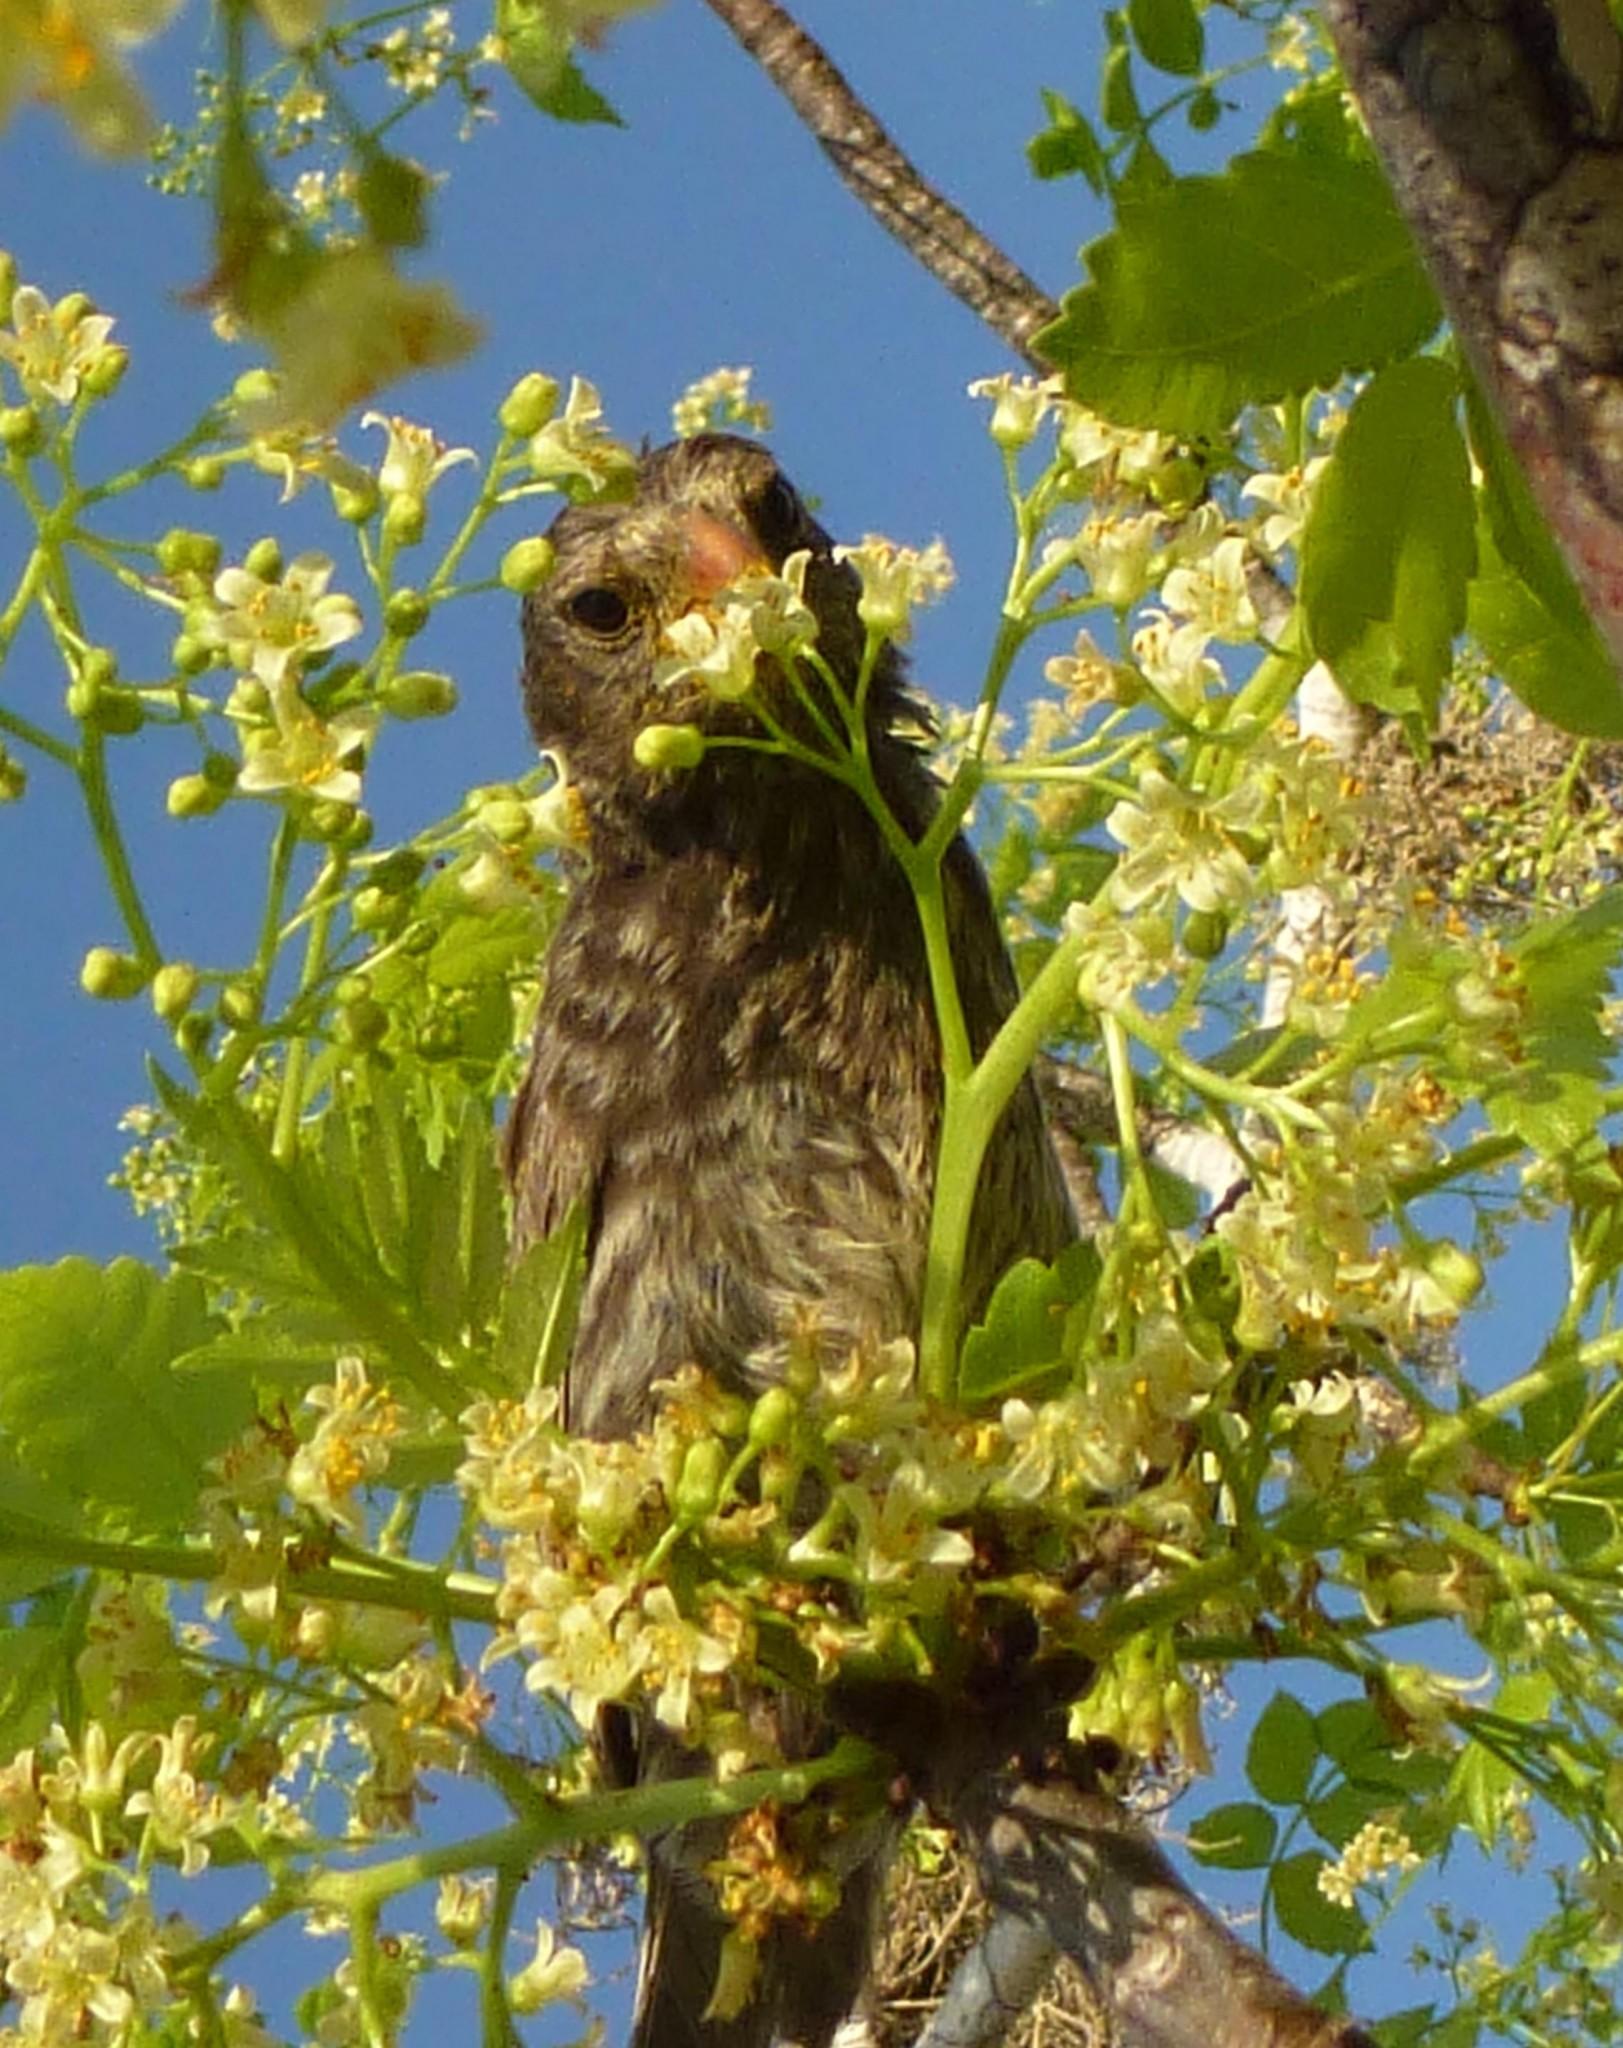 Aves de Galápagos se alimentan de más de 100 especies de flores por escasez de insectos